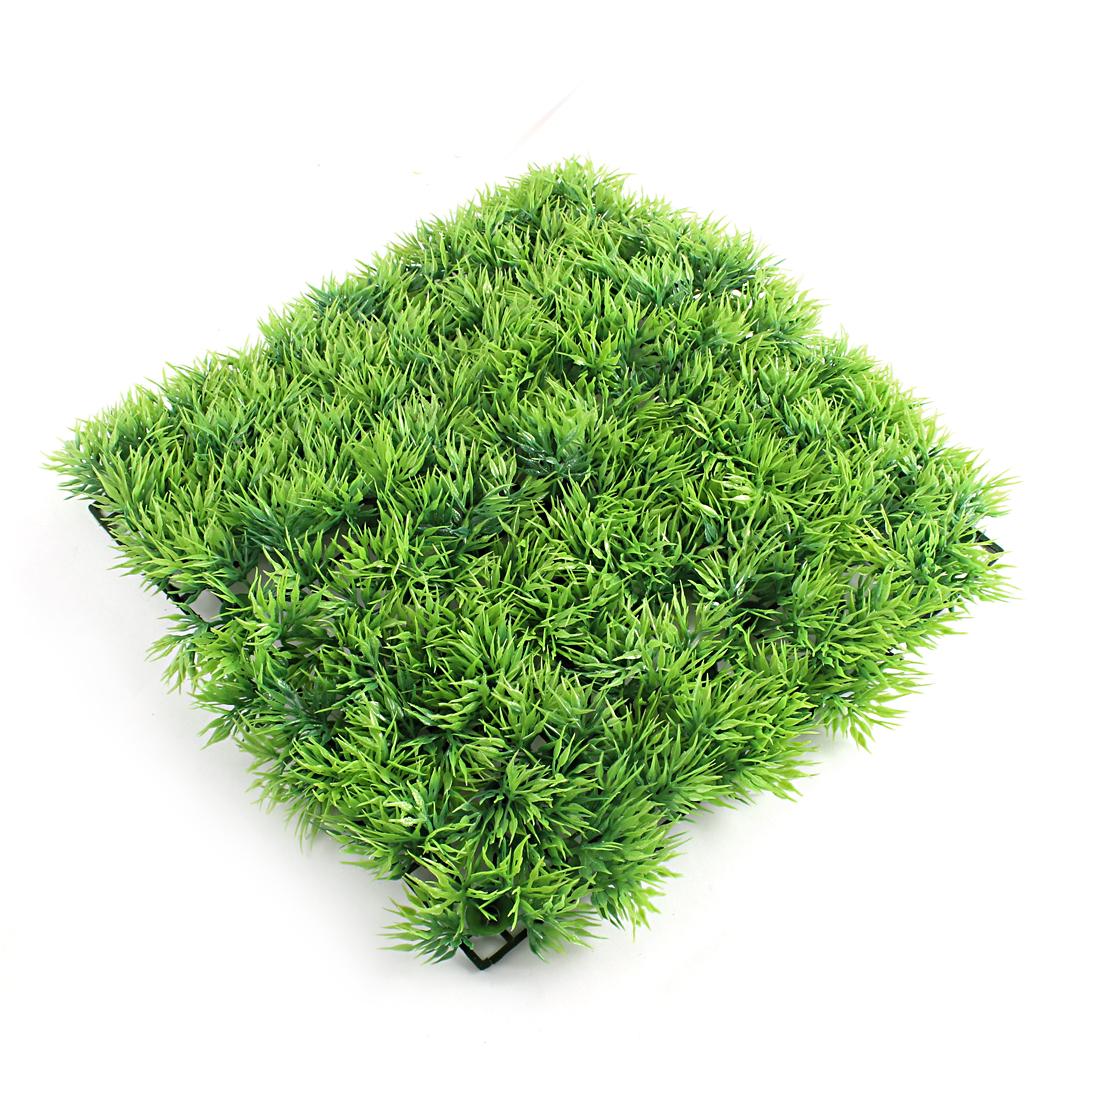 Plastic Grassland Mat Landscape Layout Scale Model Meadow Lawn 26 x 26cm